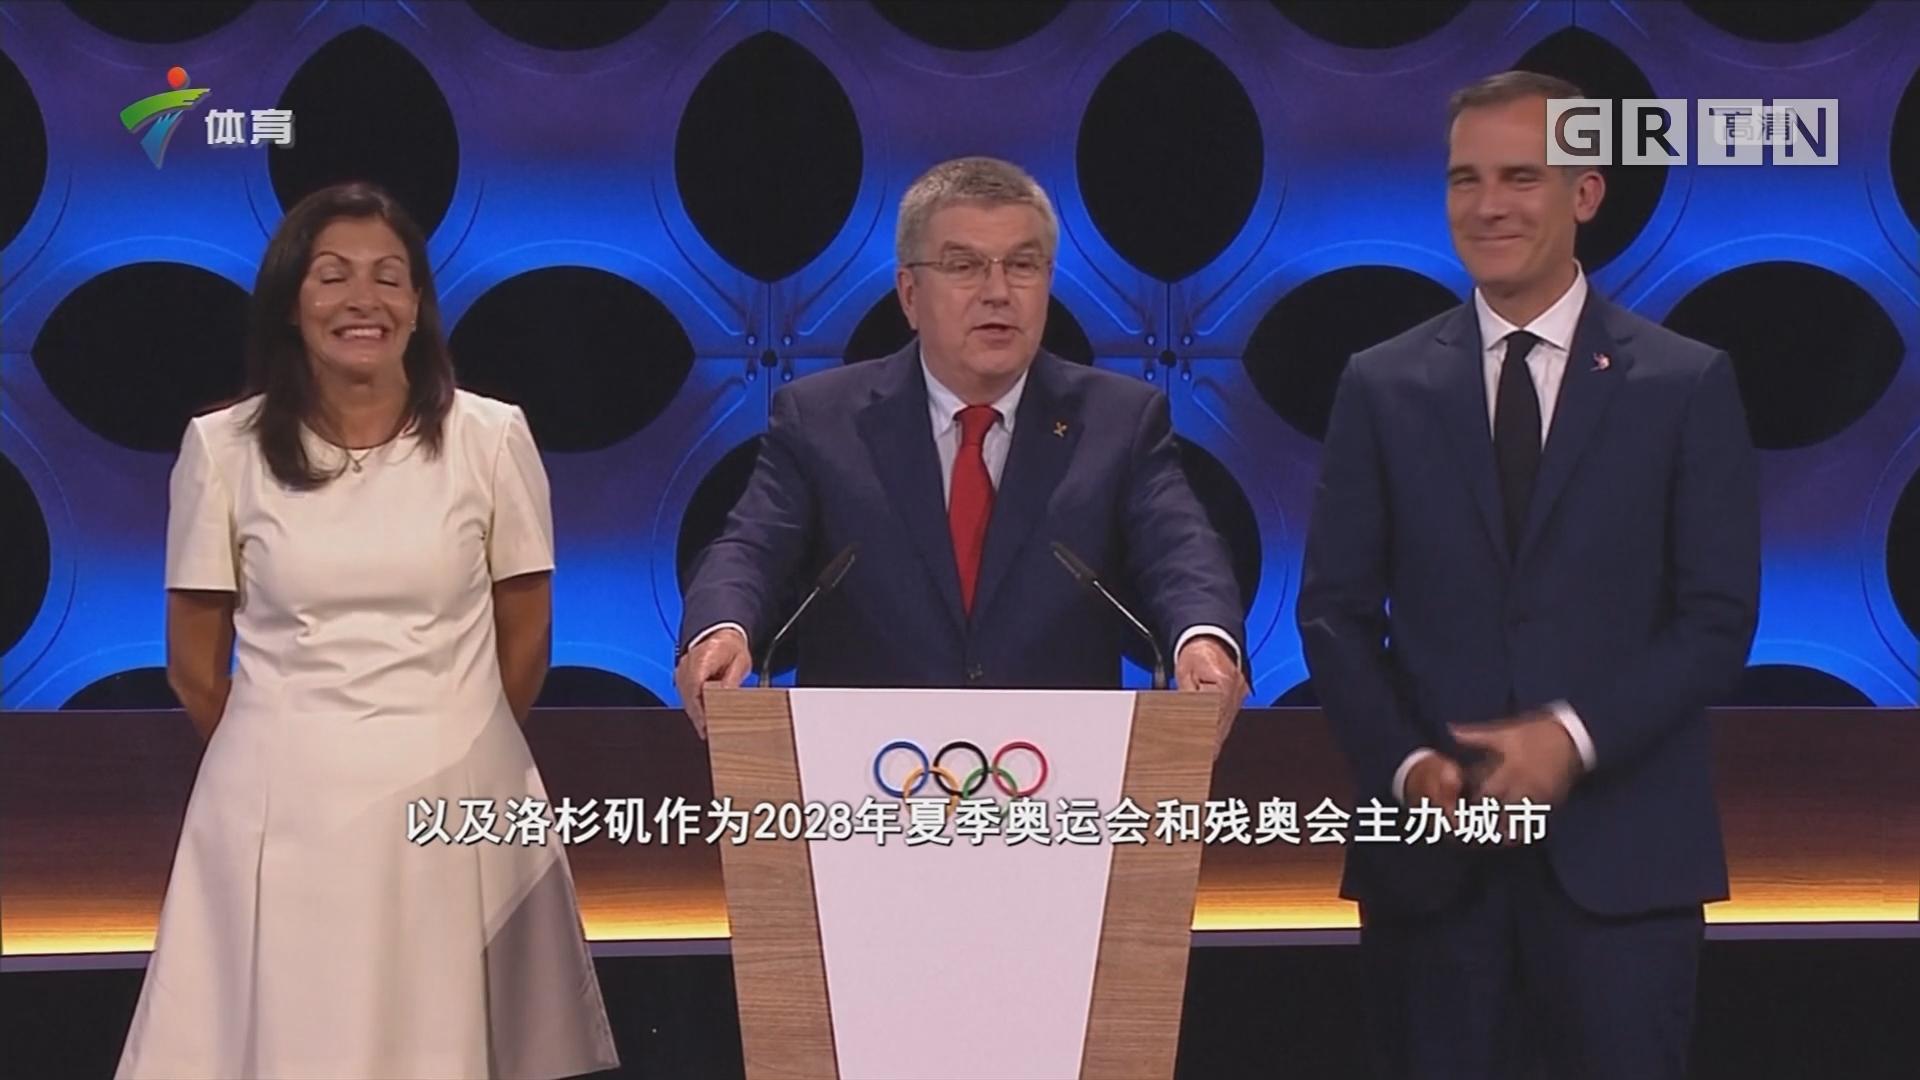 巴黎、洛杉矶分别成为2024和2028夏奥会主办城市